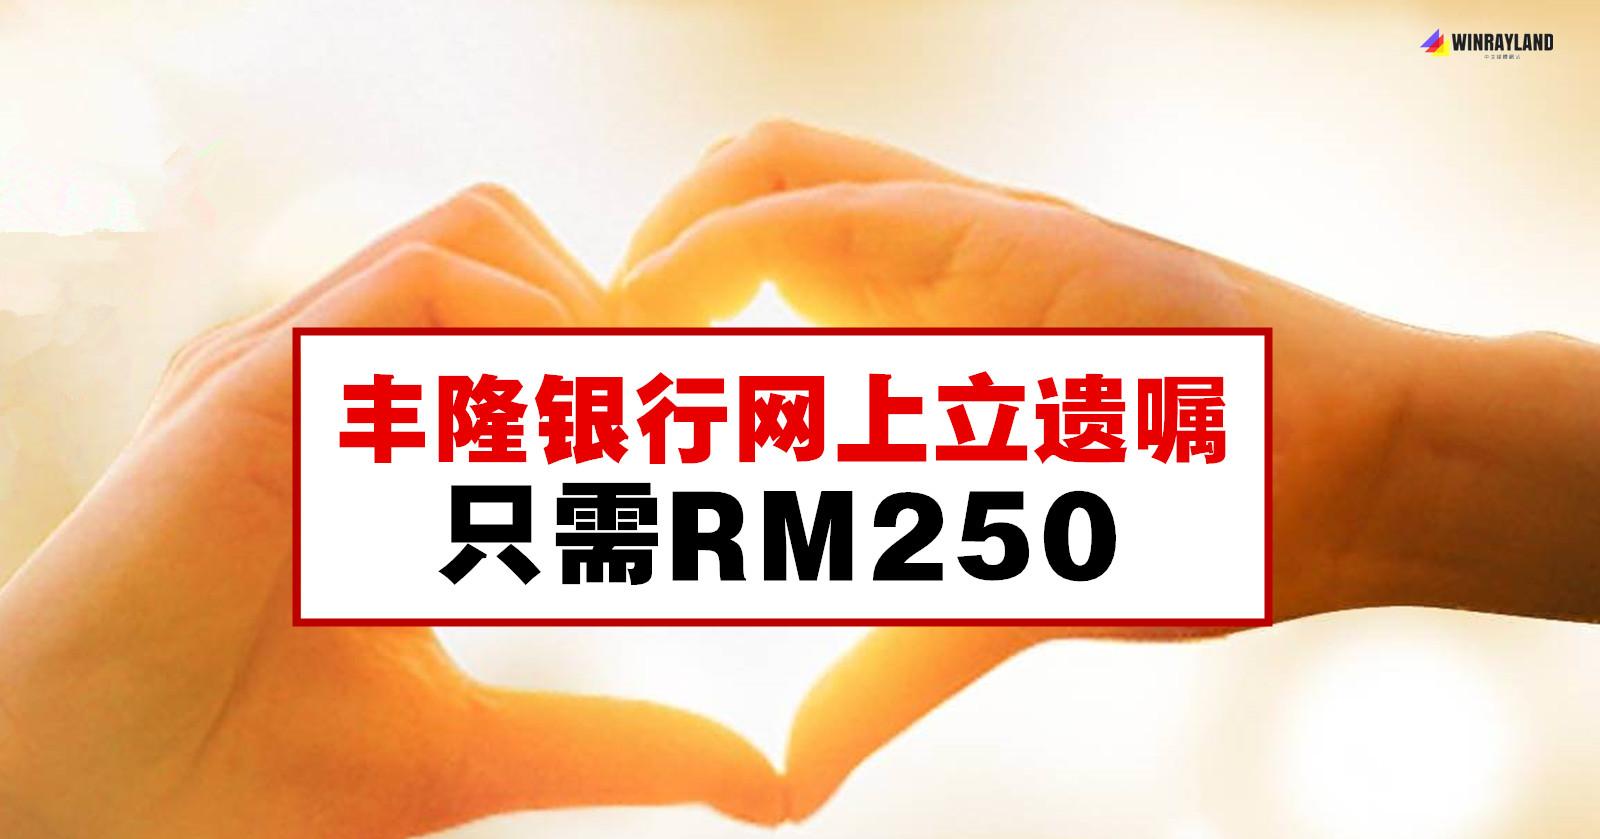 丰隆银行网上立遗嘱,只需RM250